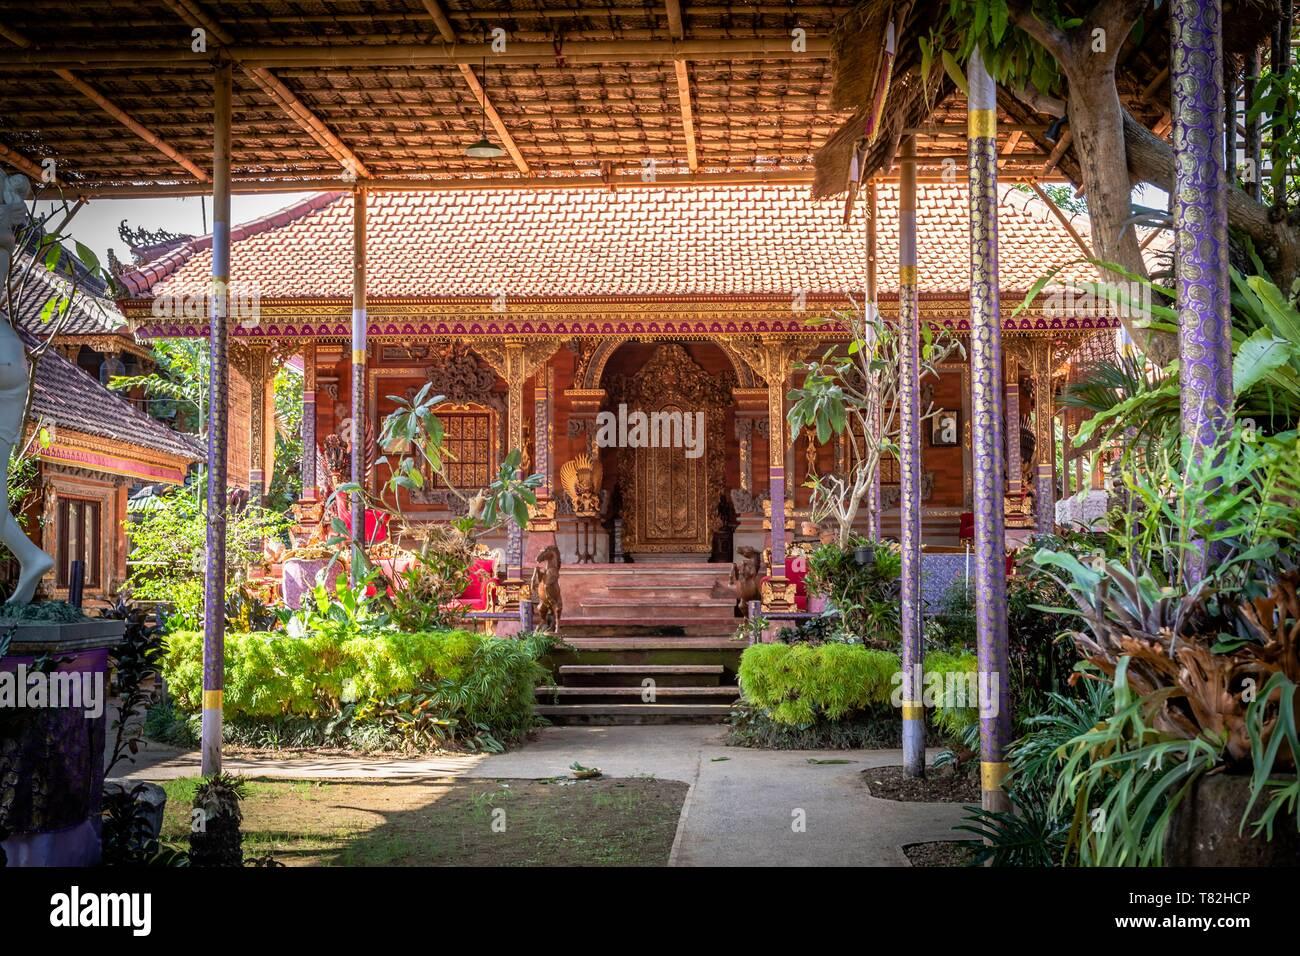 Indonesia, Bali, Ubud, Royal palace - Stock Image